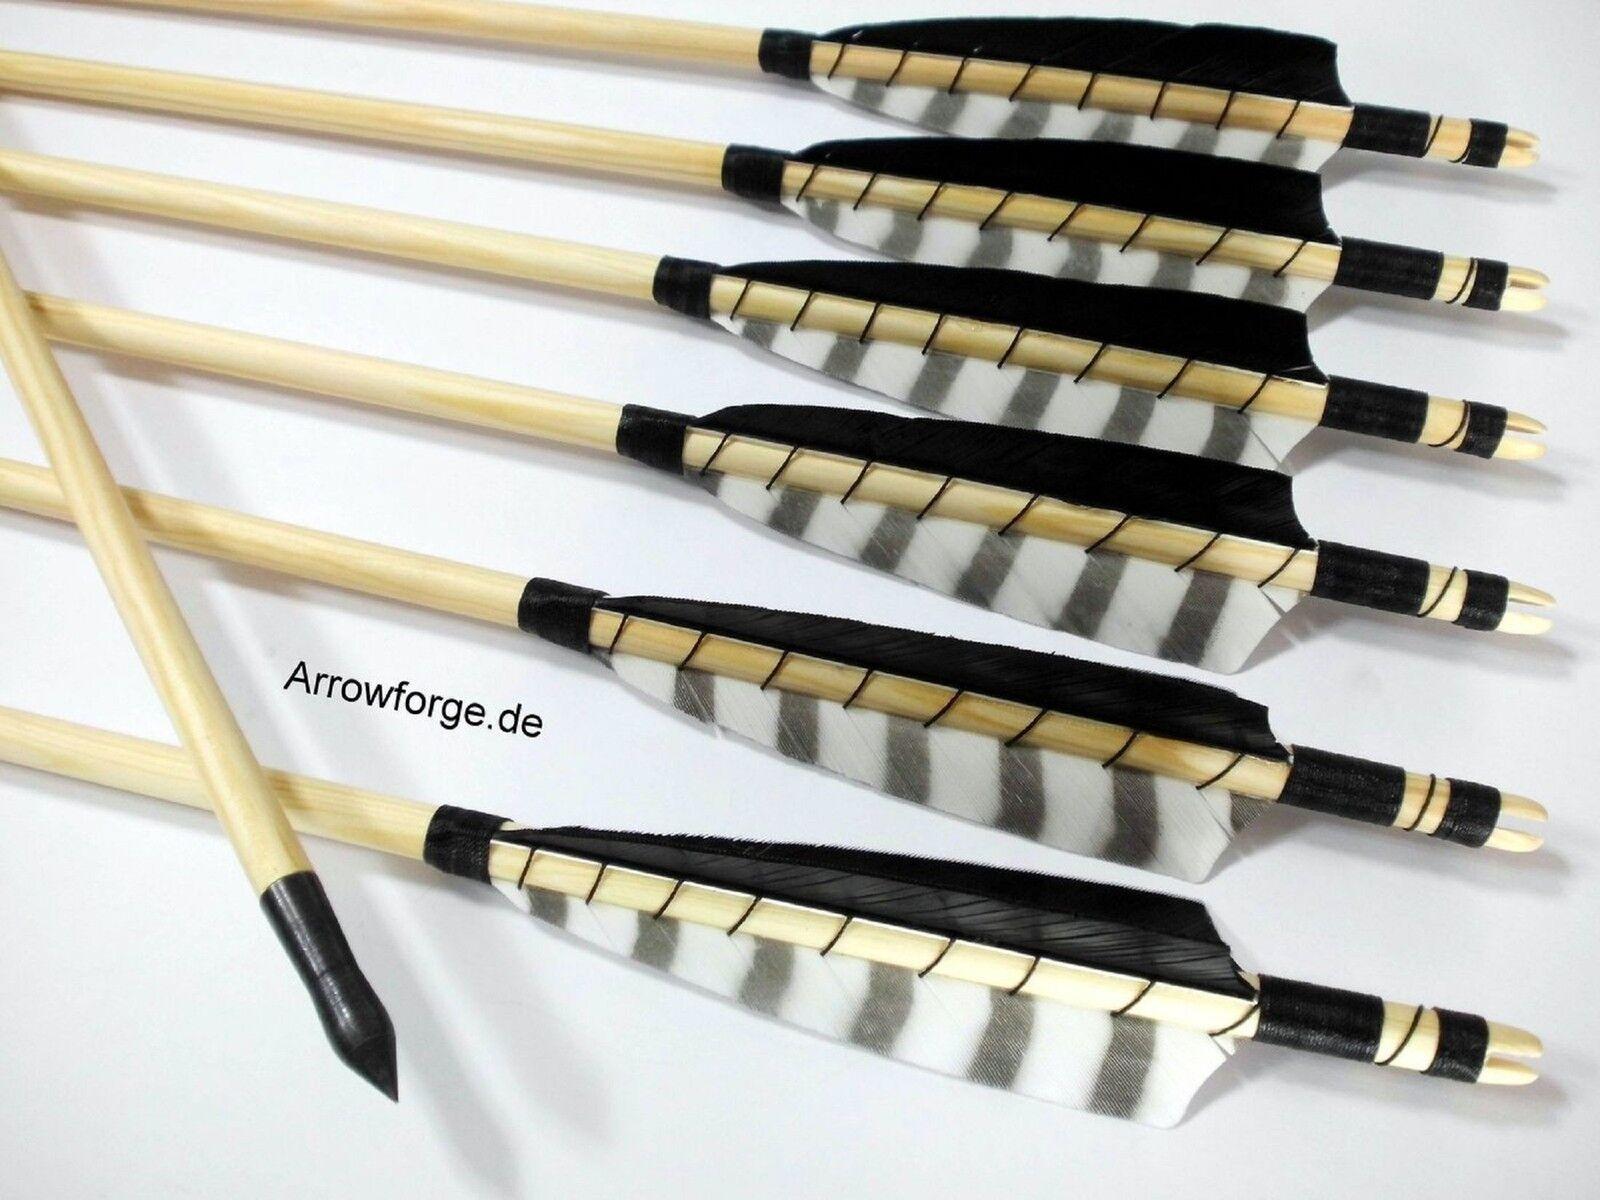 6x wooden Arrows 5 5 5  Shield Barrot Weiß self-nock N.P. 50-55  History Point cfeba7